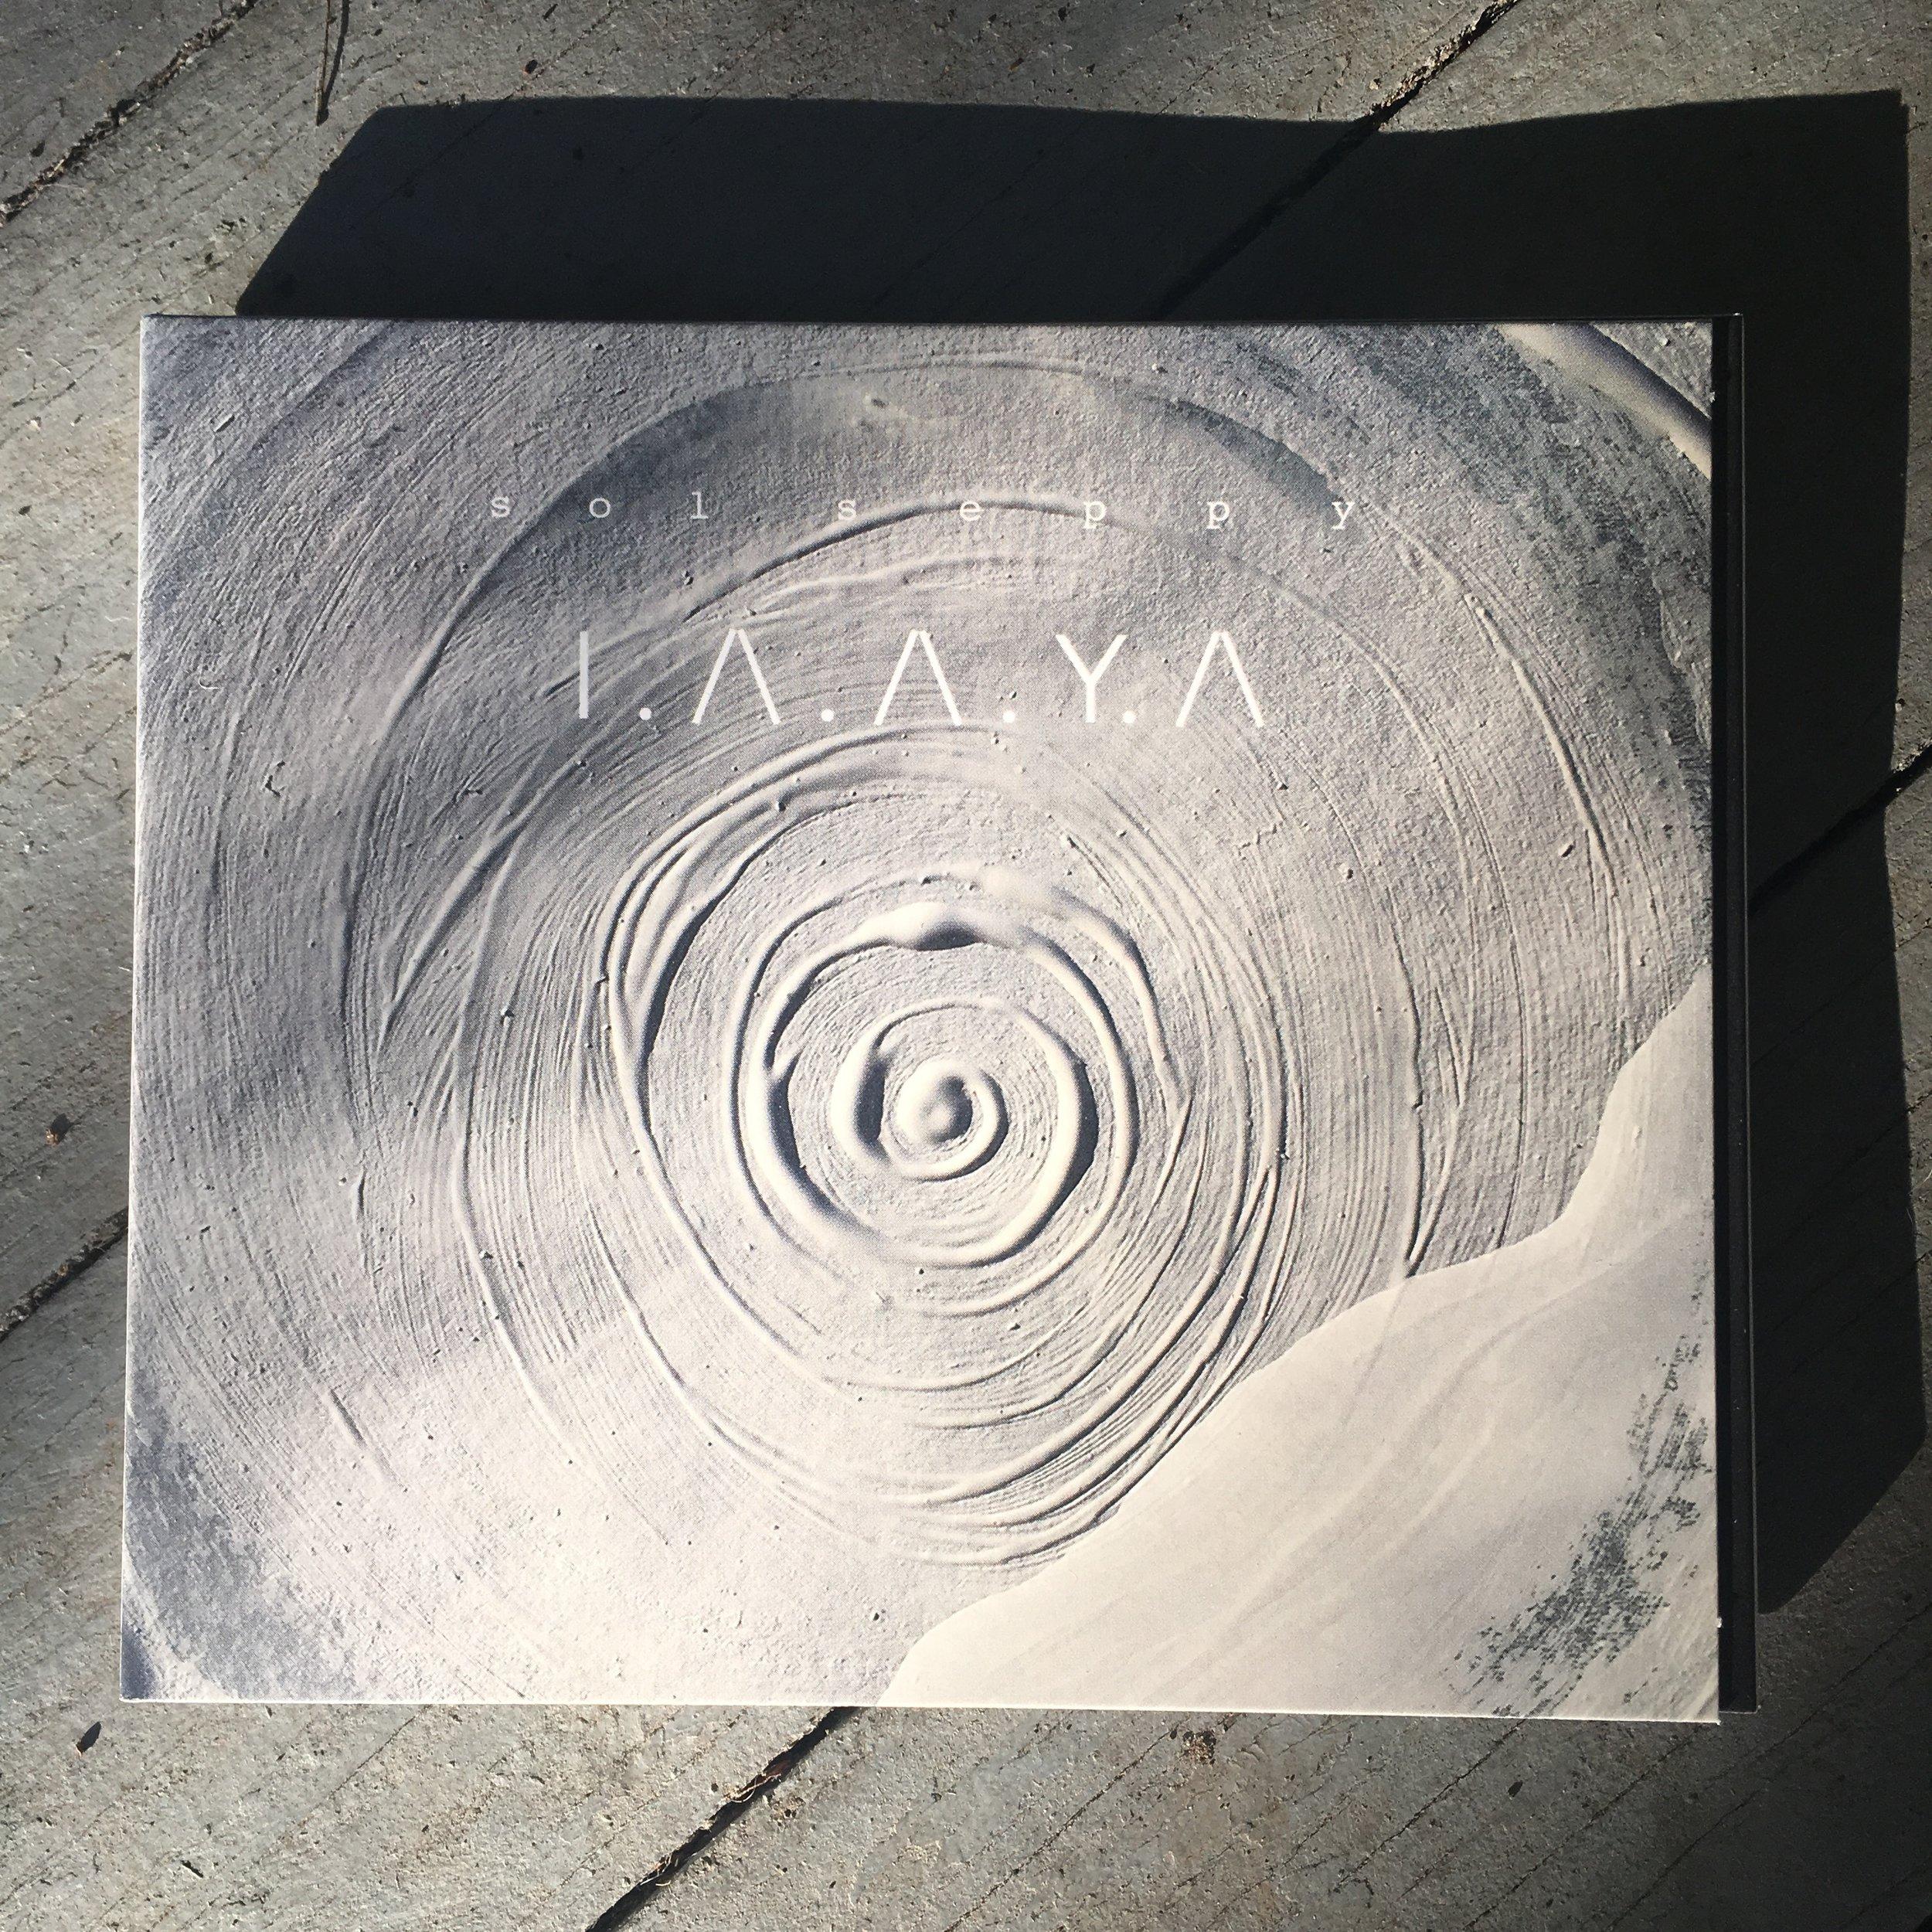 iaaya album1.jpg